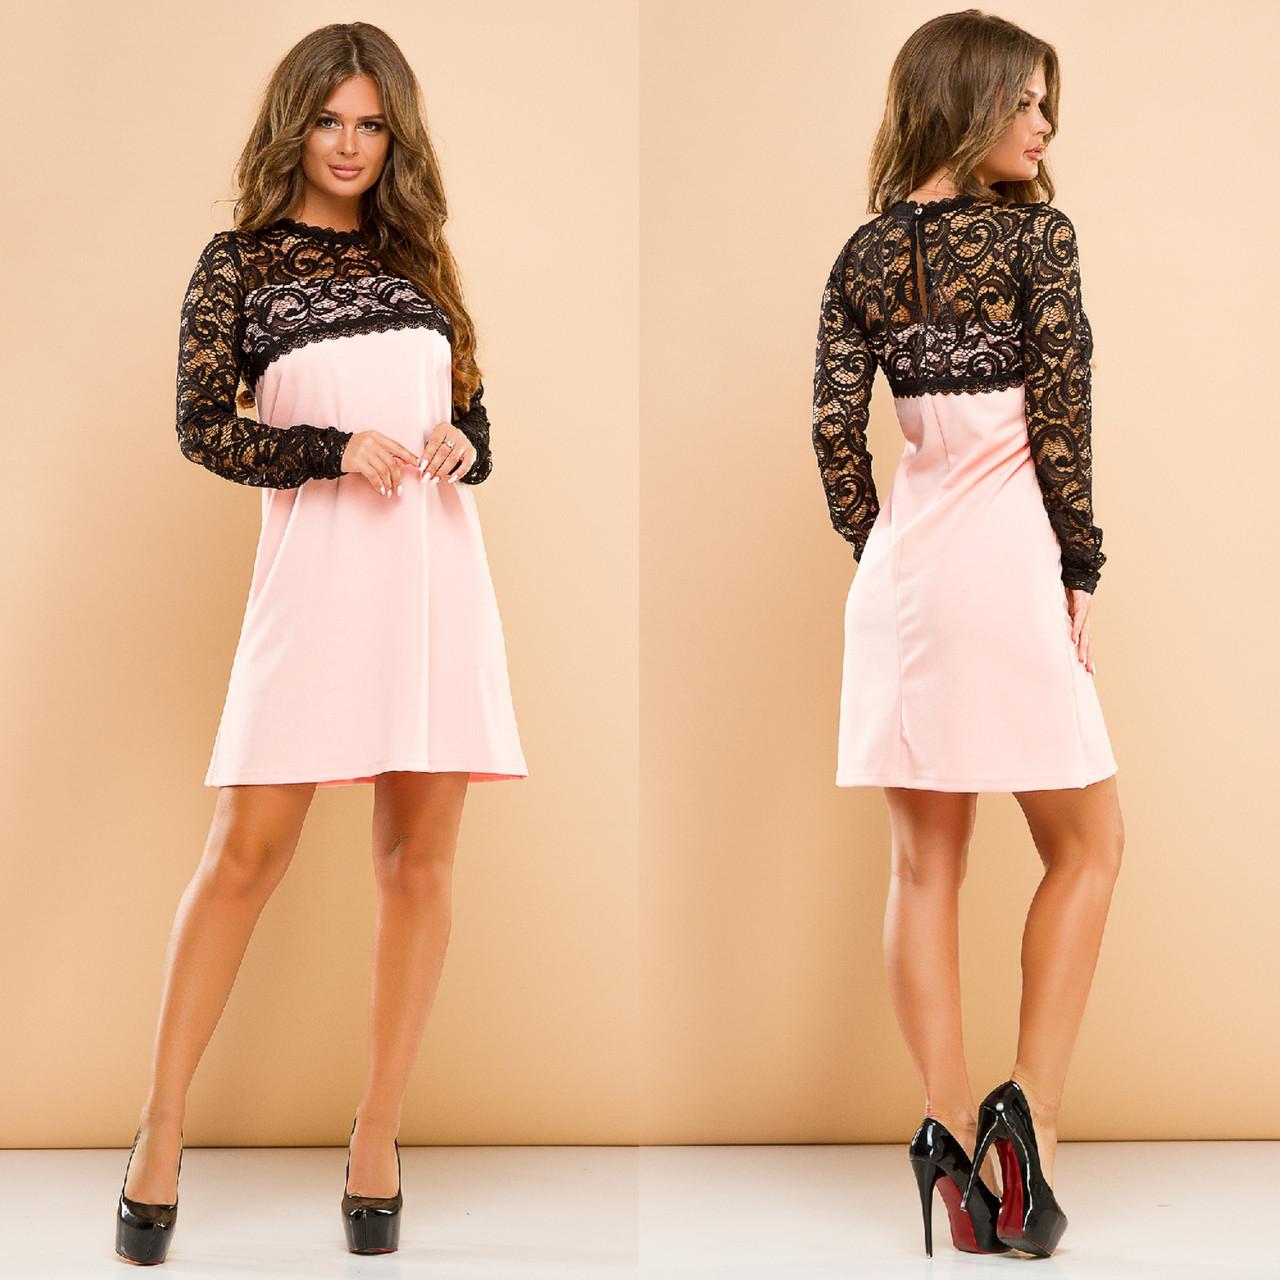 Платье женское с гипюром в расцветках 27392  Интернет-магазин модной  женской одежды оптом и в розницу . Самые низкие цены в Украине. платья  женские от